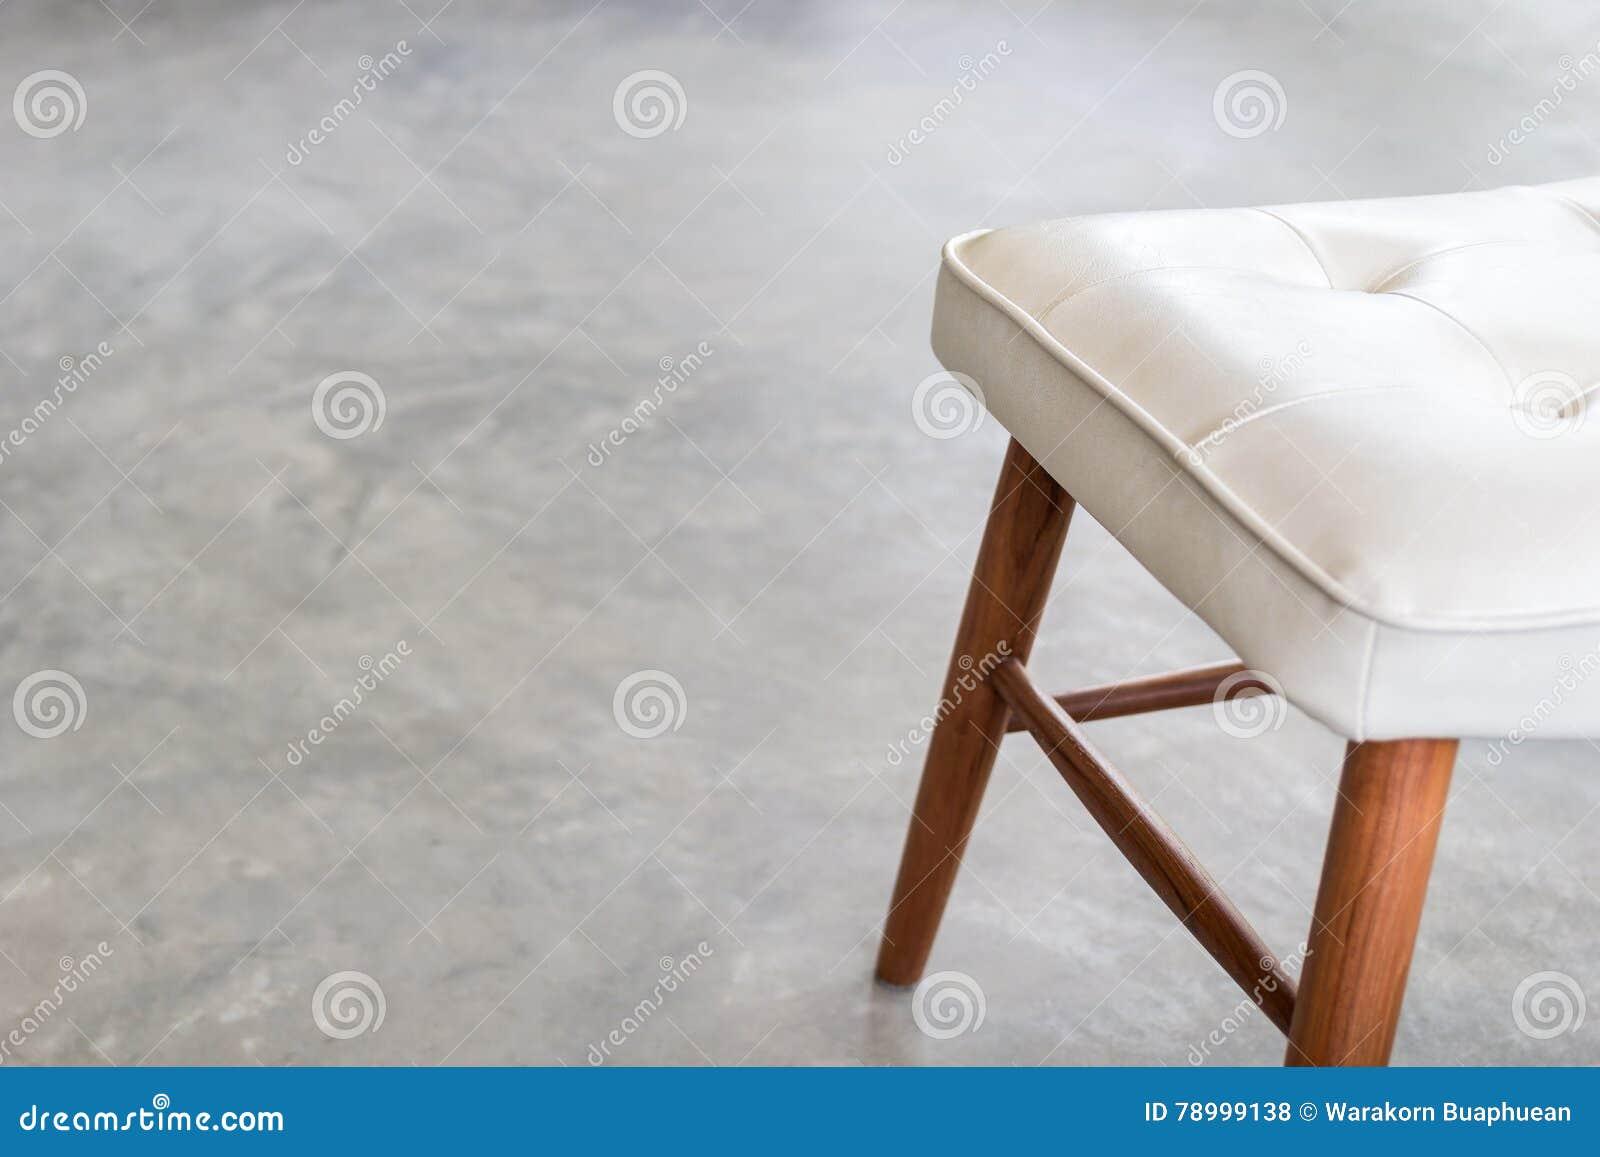 Sedie Bianche Con Gambe Legno.Cuoio Di Con Pavimento Sedia Bianche Legno Il E Gambe Della